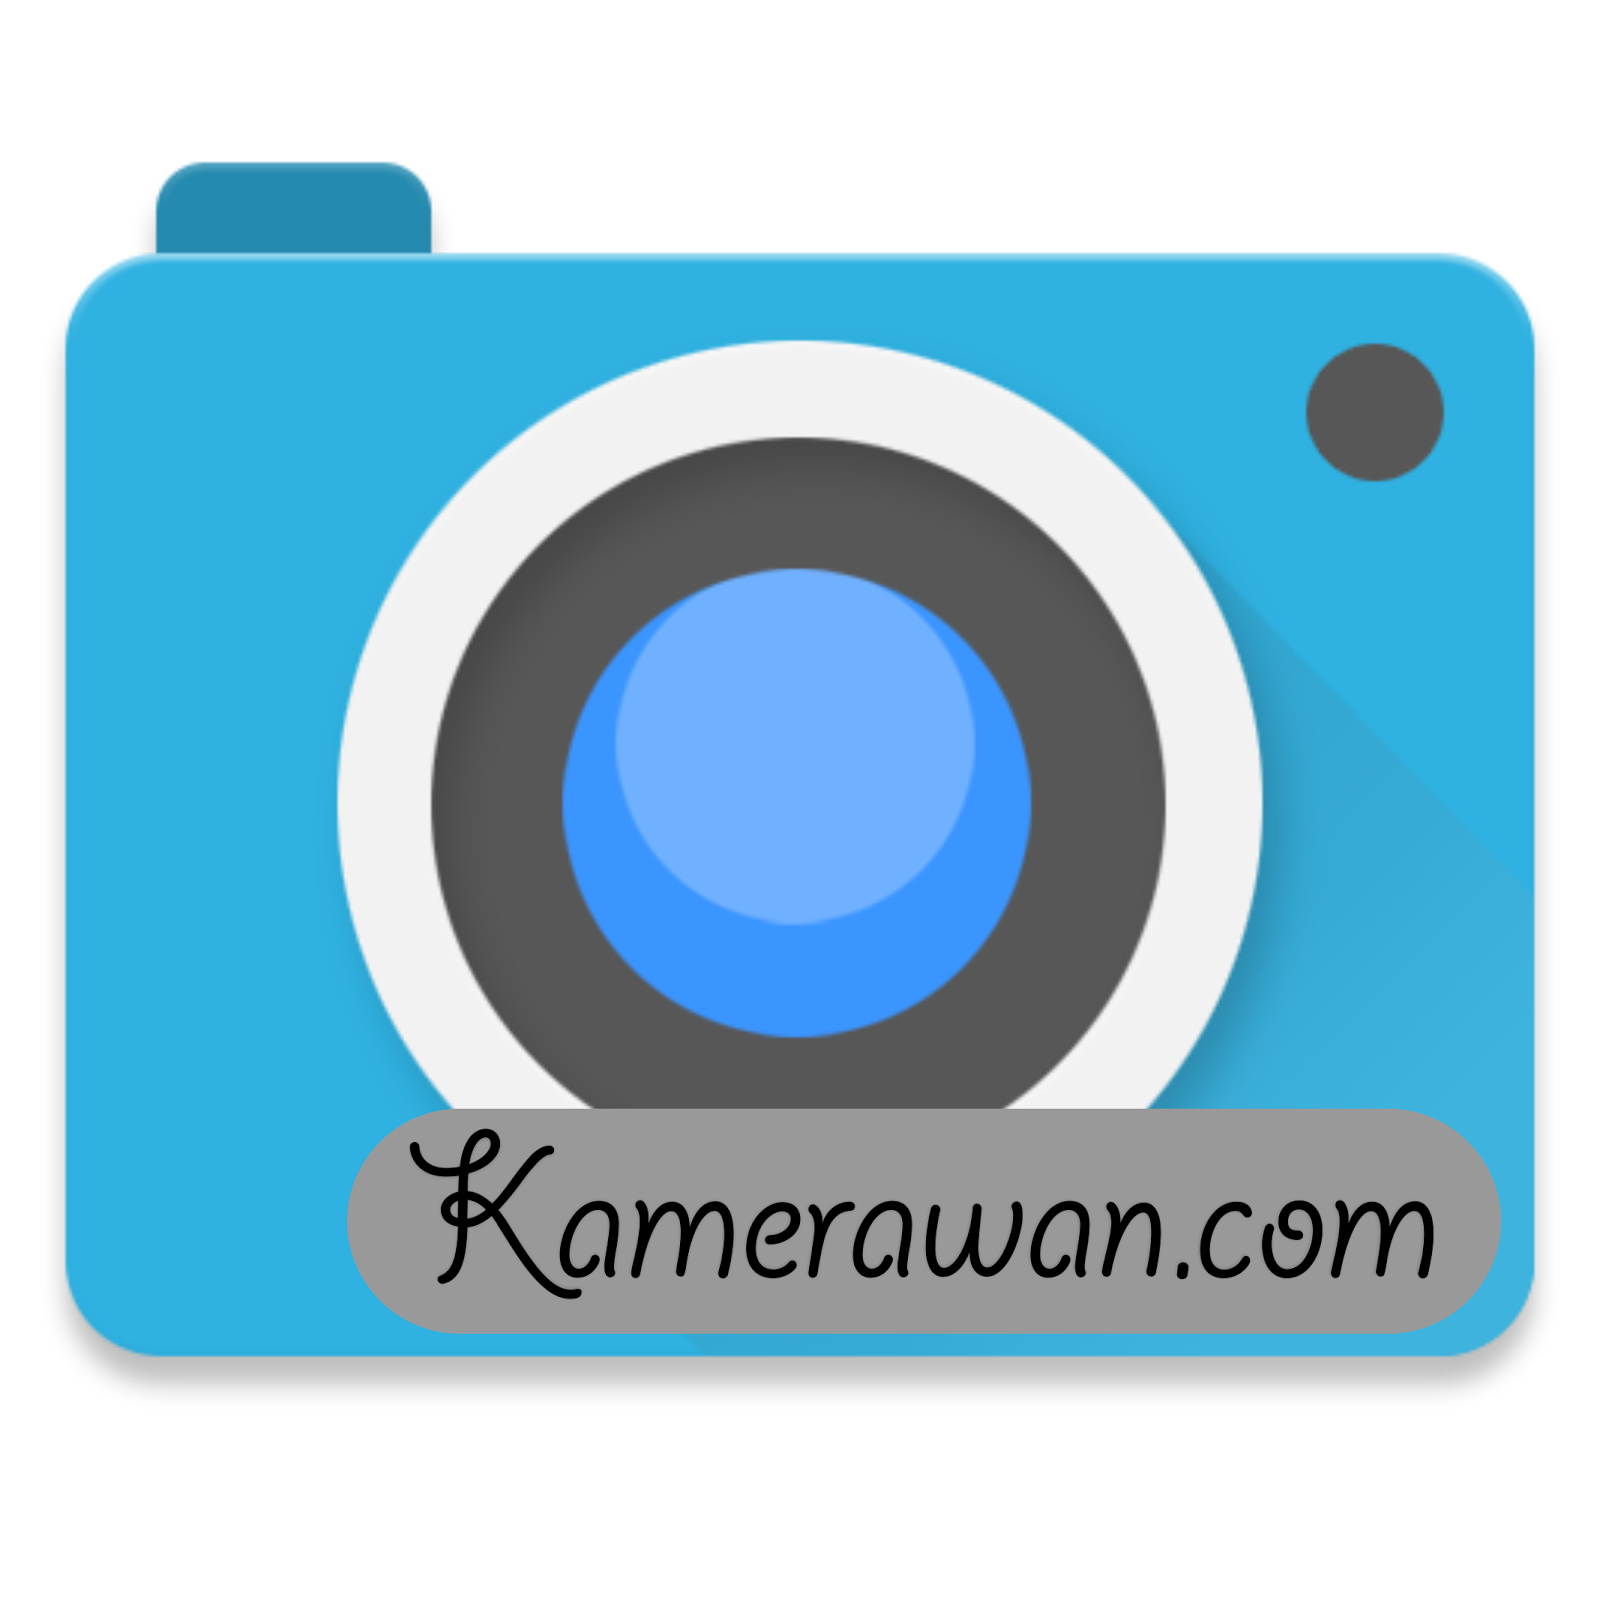 Portal Harga Kamera Terbaru dan Spesifikasi Kamera Terbaru